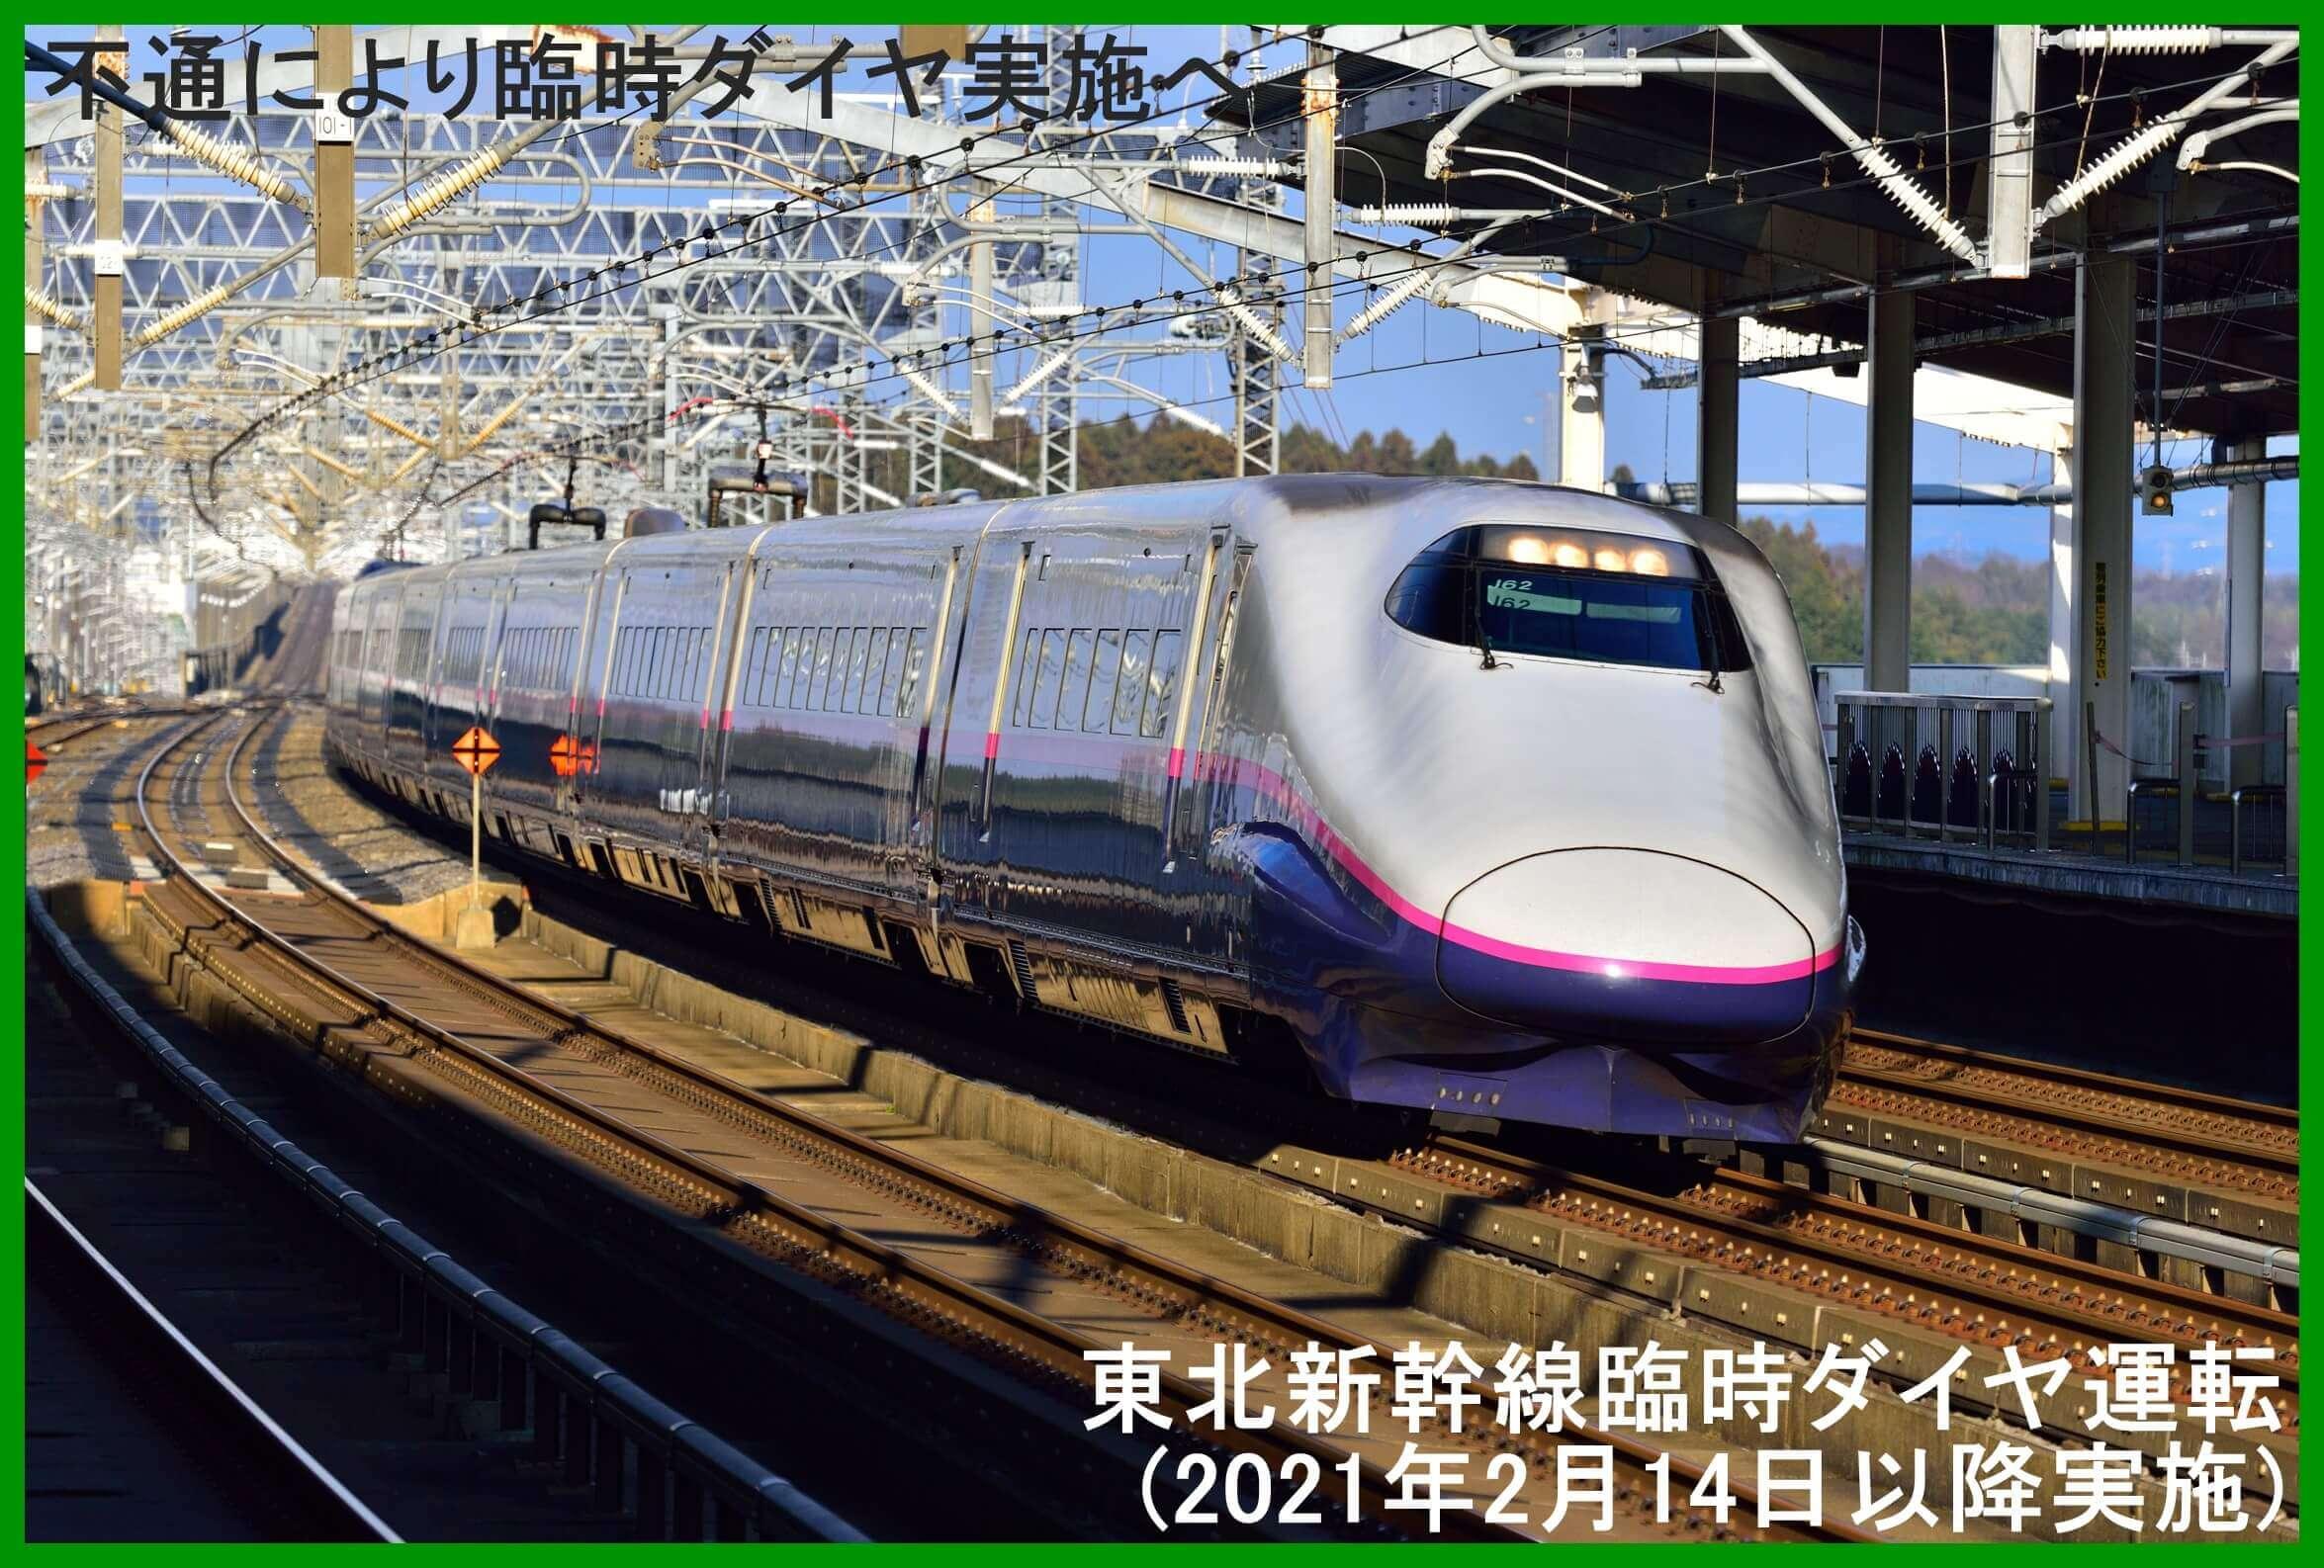 不通により臨時ダイヤ実施へ 東北新幹線臨時ダイヤ運転(2021年2月14日以降実施)